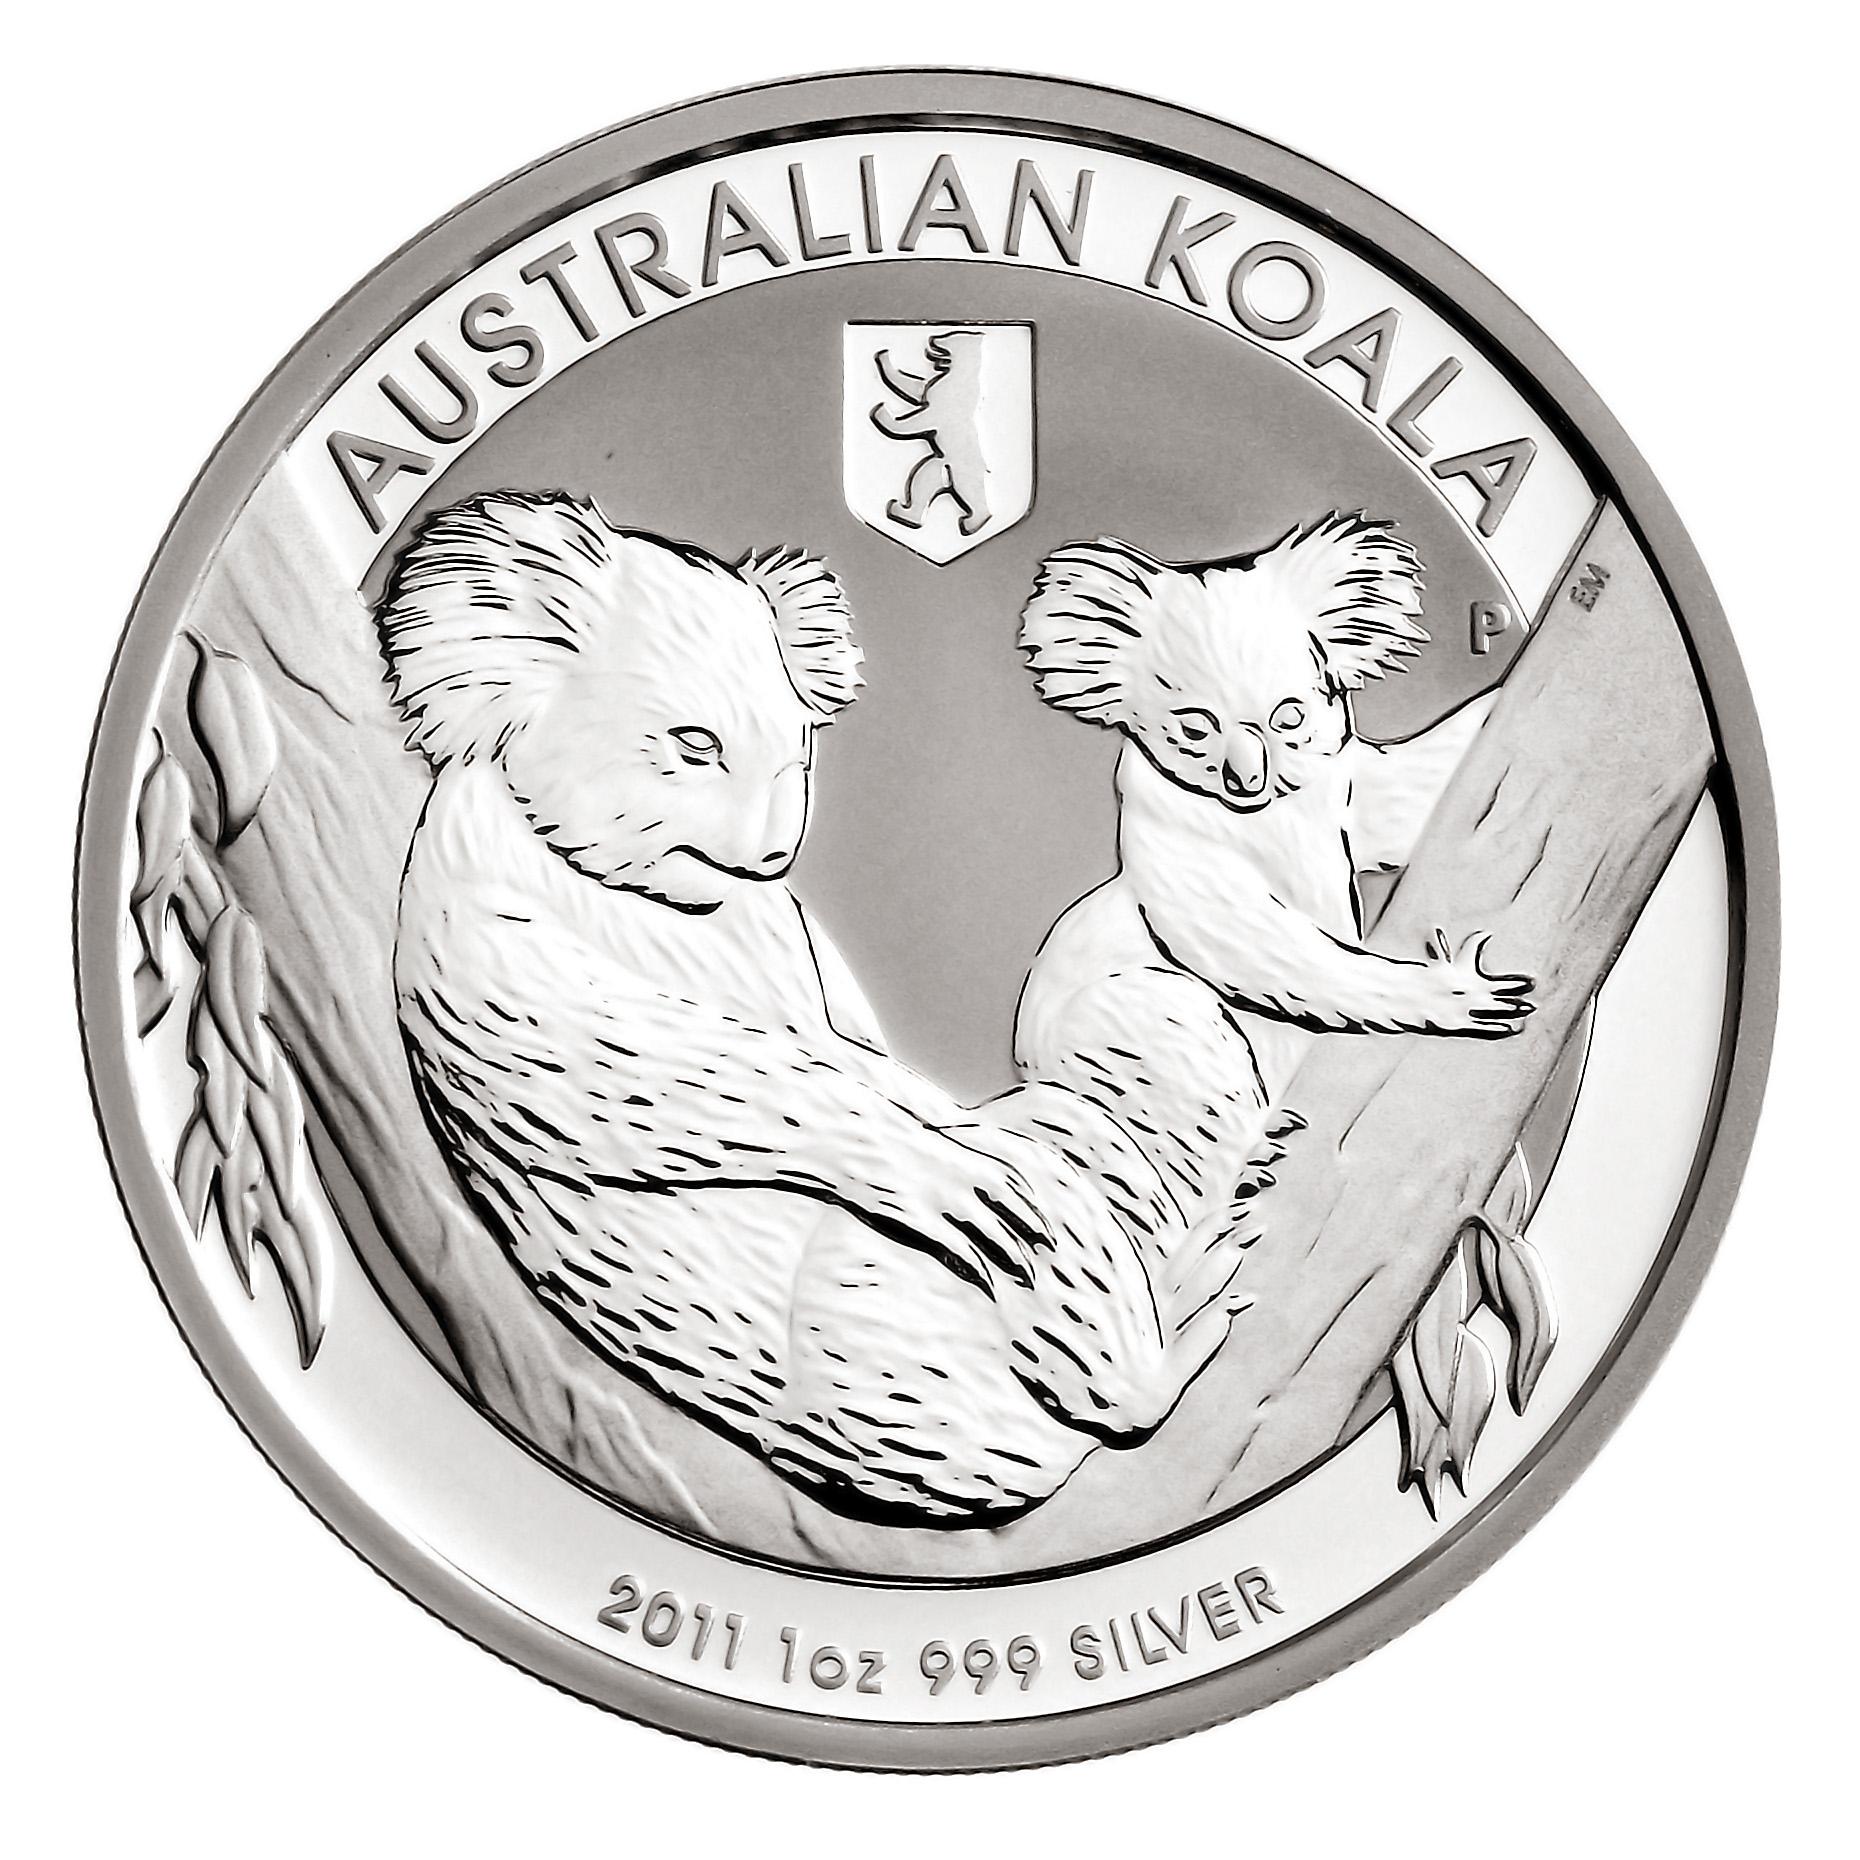 Im Vergleich zum regulären Koala ist die Privymark-Ausgabe 2011  eine Rarität